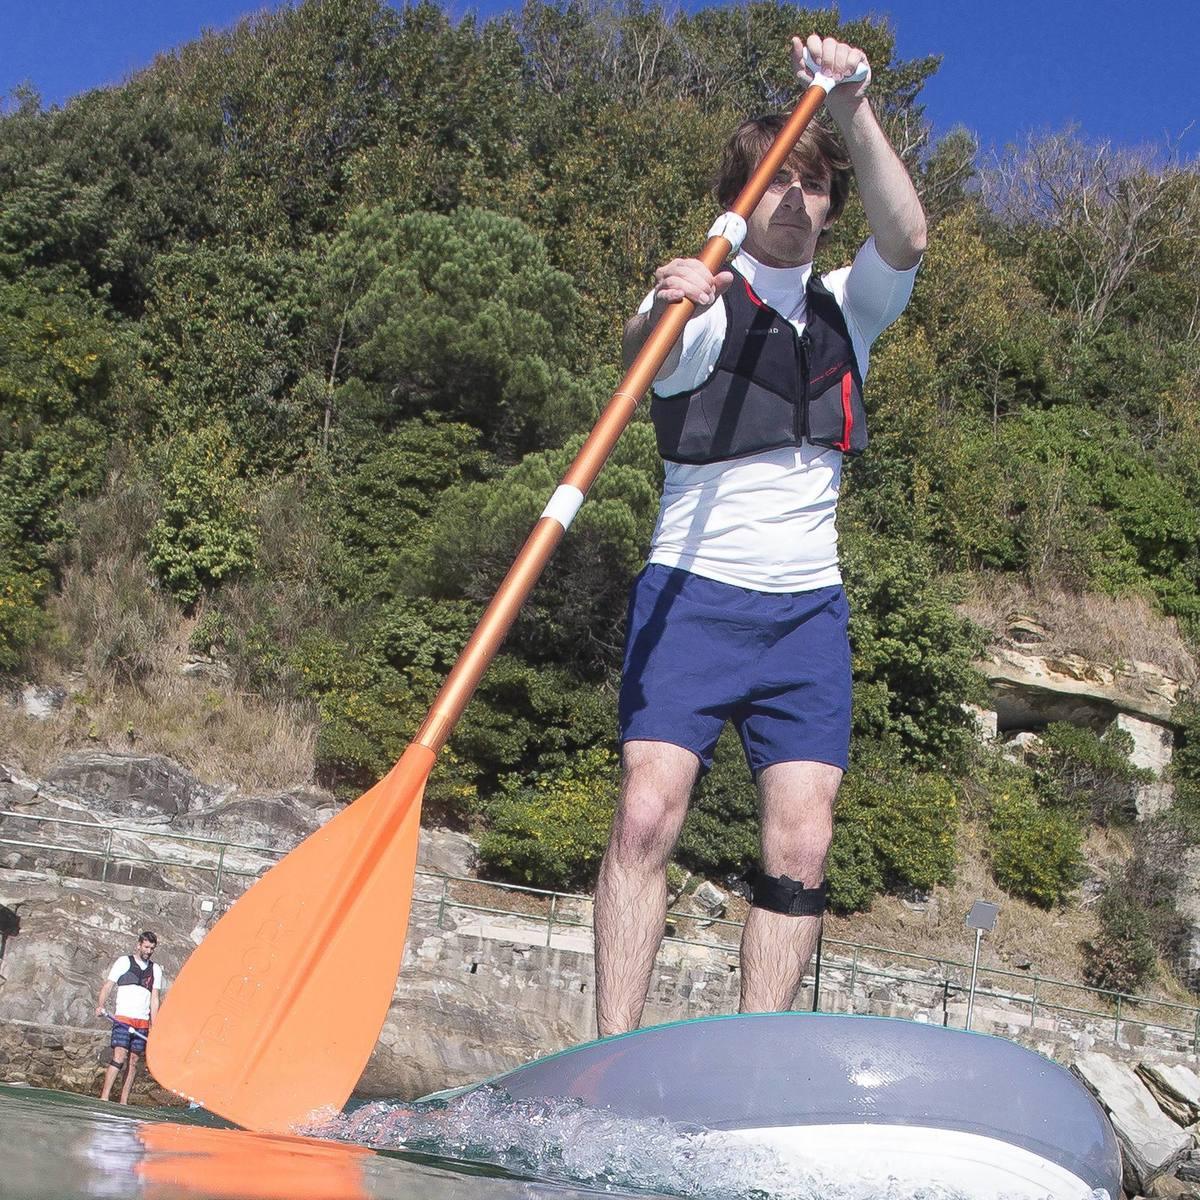 Bild 2 von SUP-Paddel 100 verstellbar 170-210cm orange